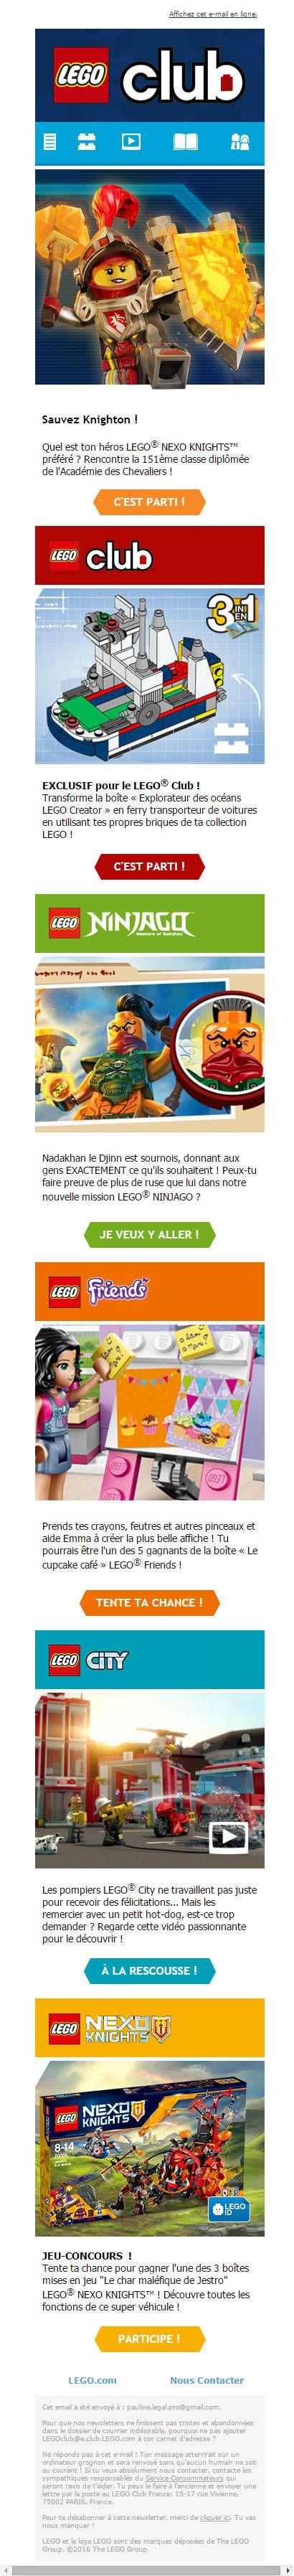 LEGO Club : Email nouveautés produits